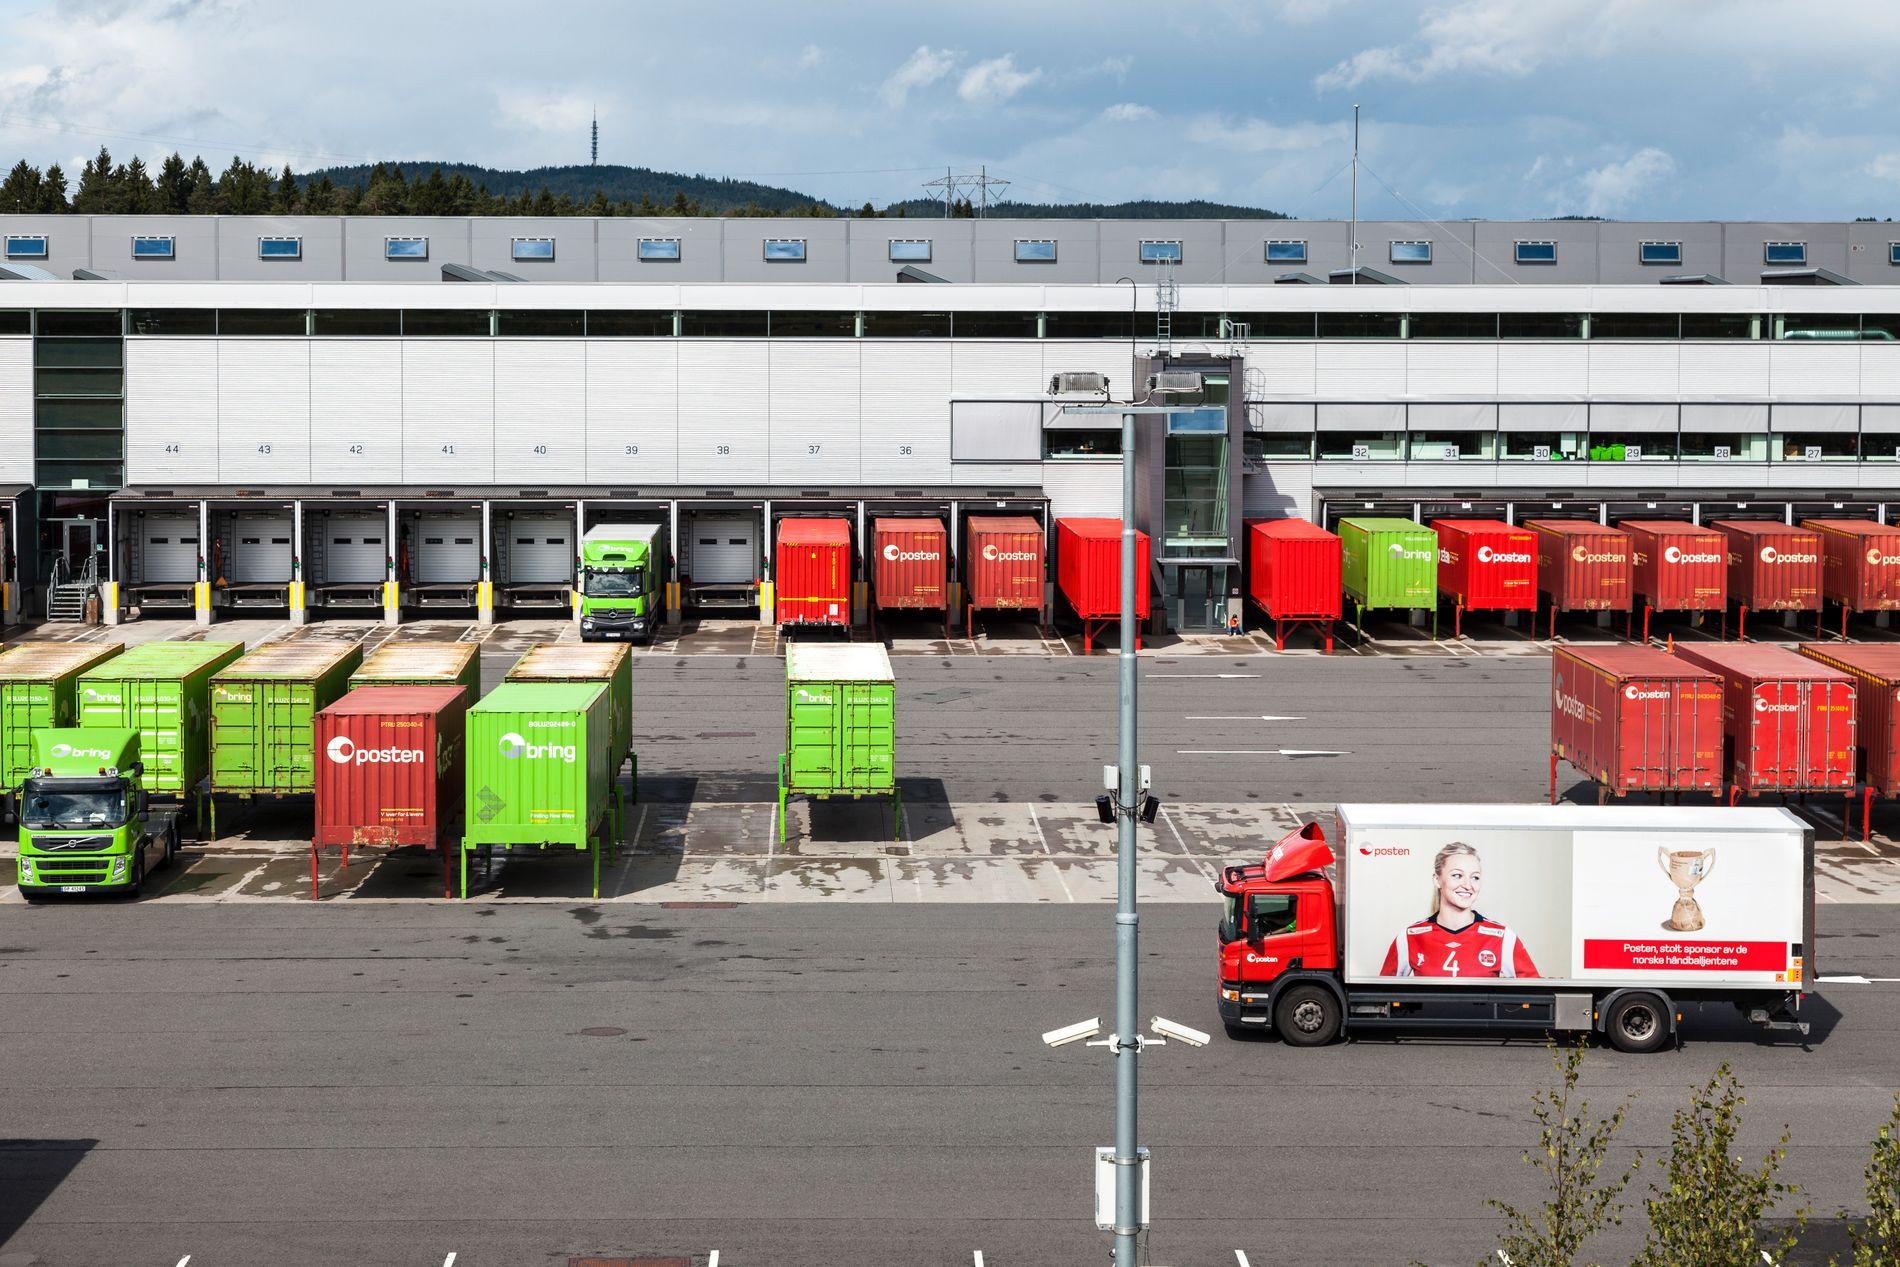 SENTRALISERE HIT: Samtidig som Posten vil slutte med A- og B-post, vil de også sentralisere. Brevsorteringen skal gå fra ni terminaler til tre, og Østlandsterminalen i Lørenskog (bildet) skal ta over mye av jobben.